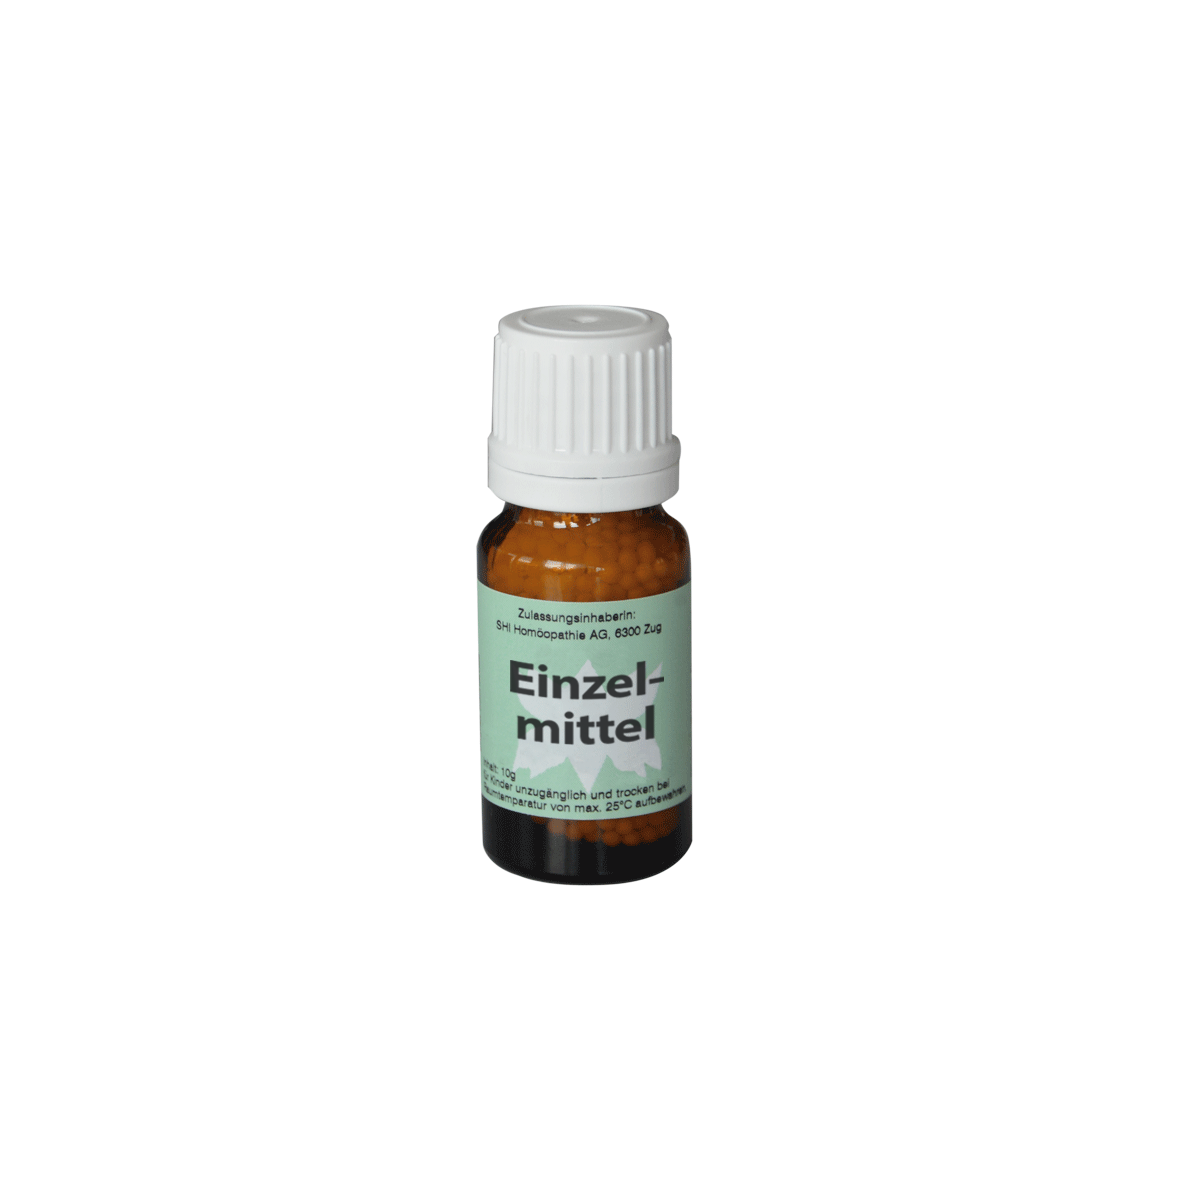 Acidum sulfuricum